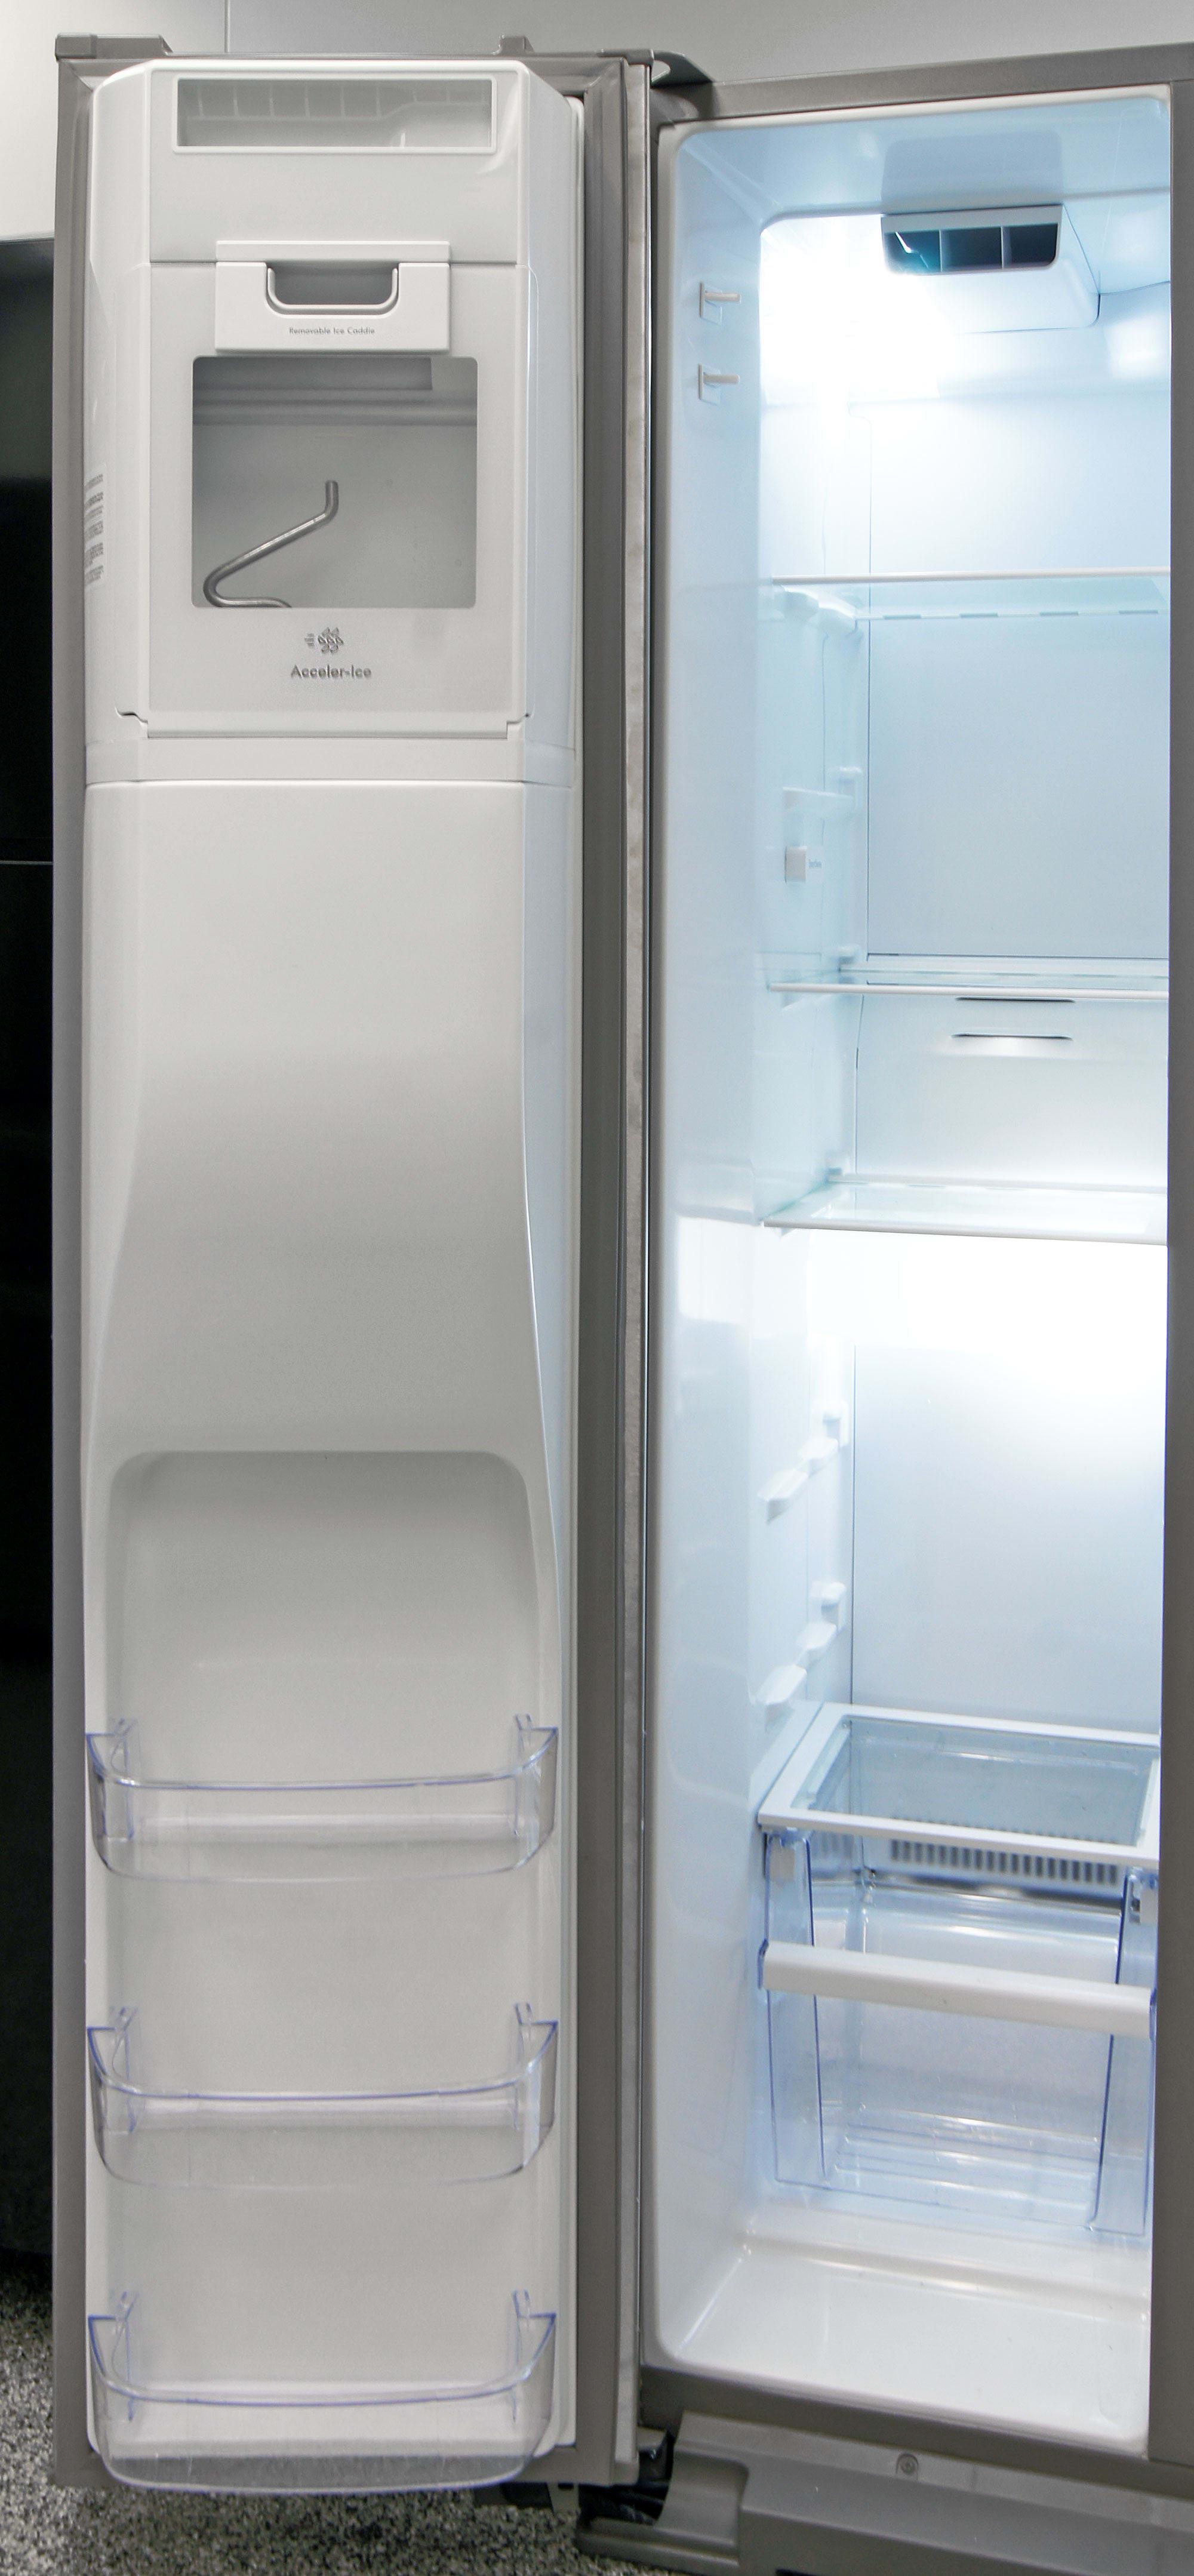 Kenmore 51783 Refrigerator Review Reviewed Com Refrigerators